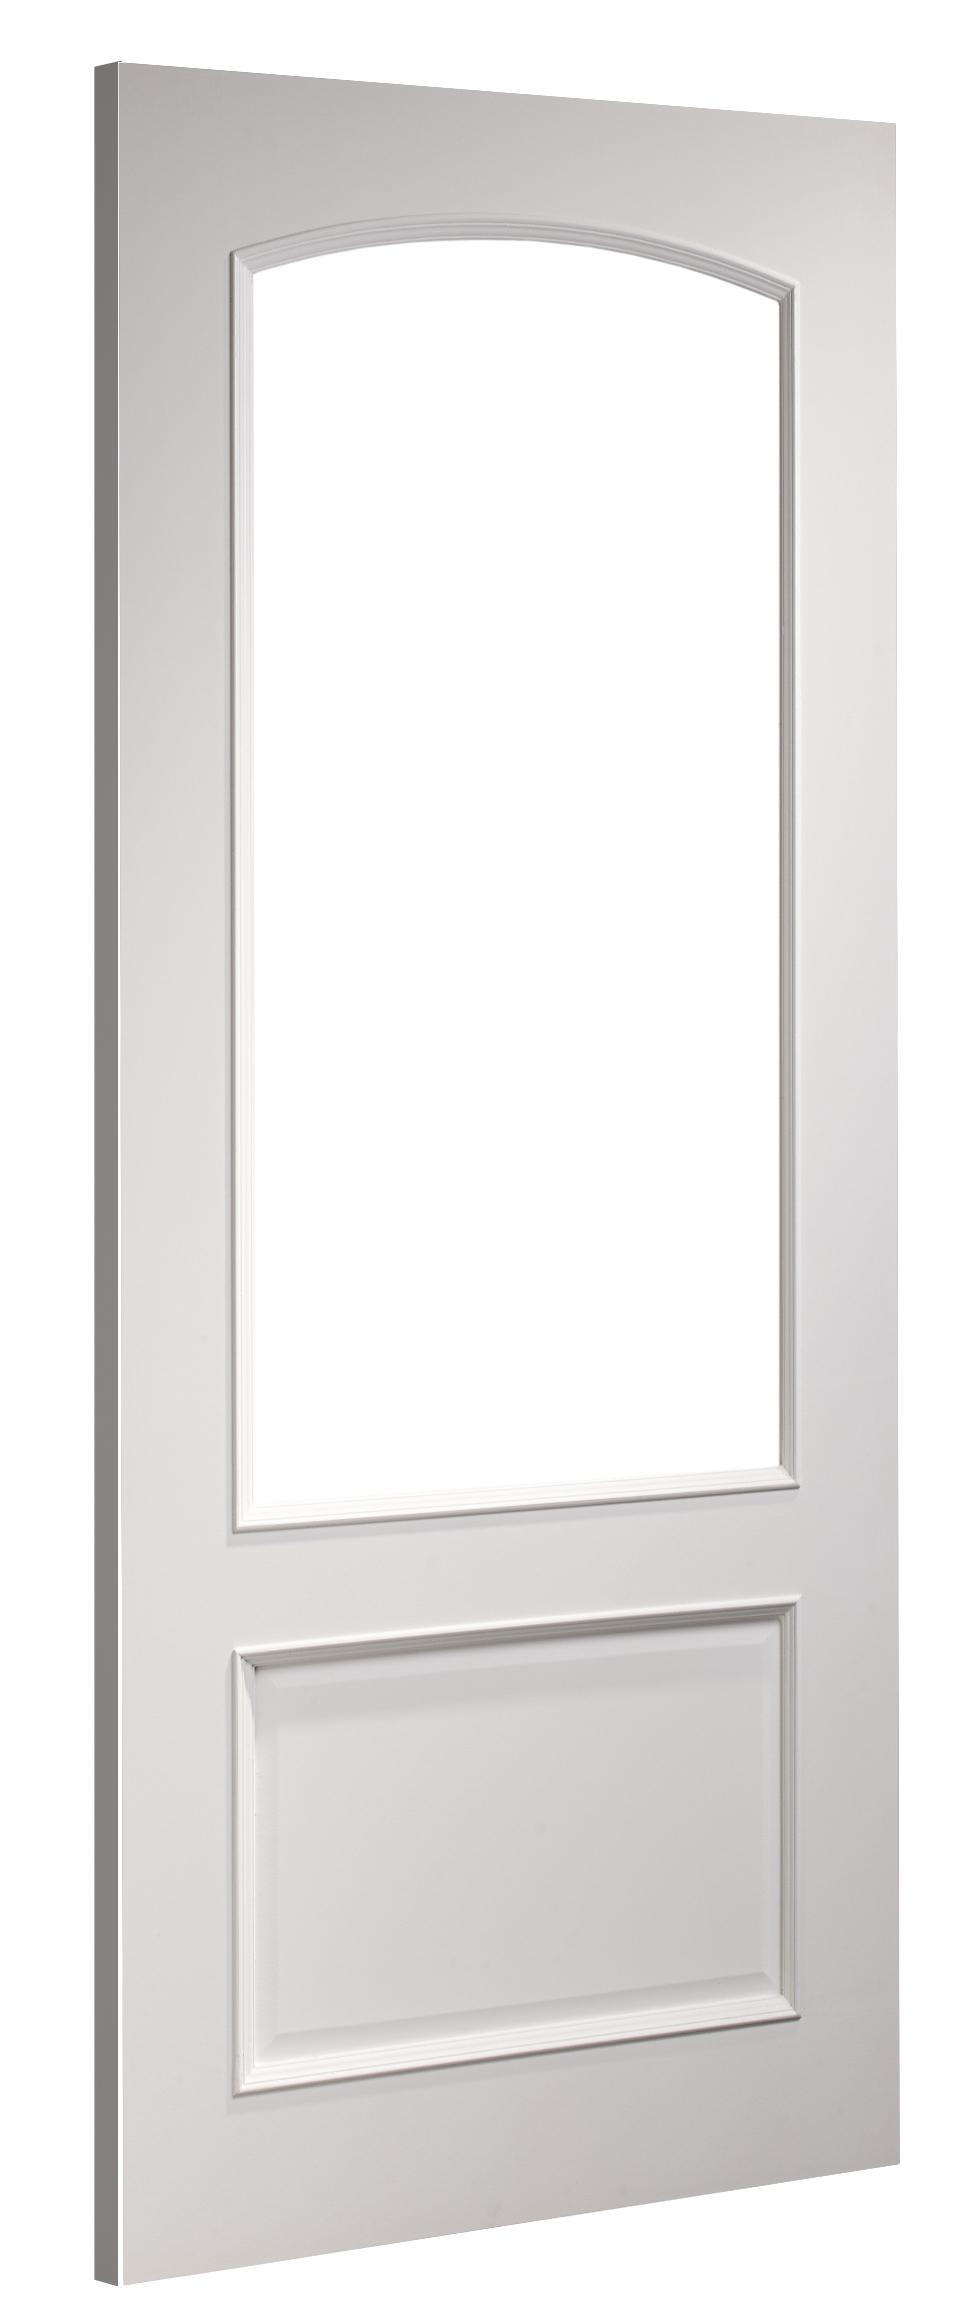 Primed Doors RB7G-UNG